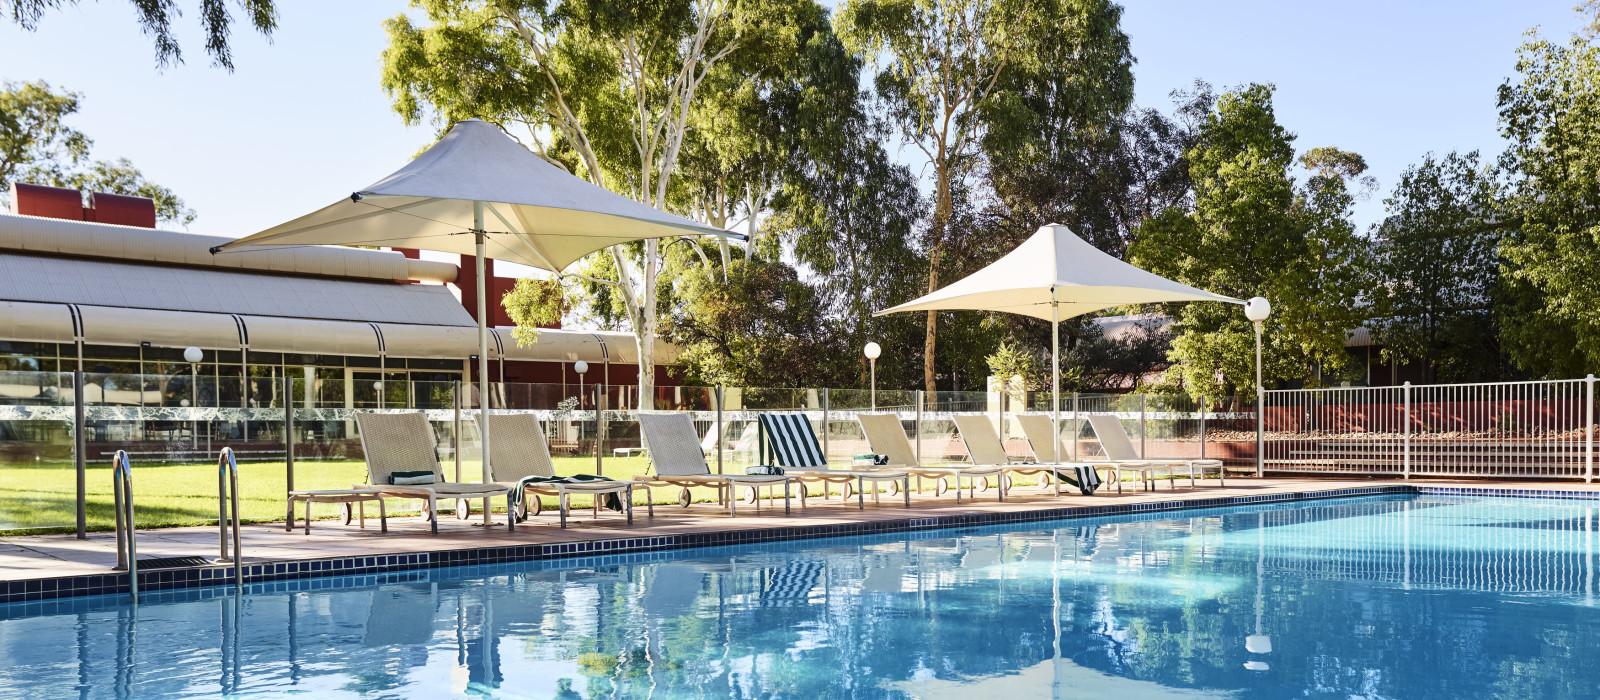 Hotel Voyages Desert Garden  Australien